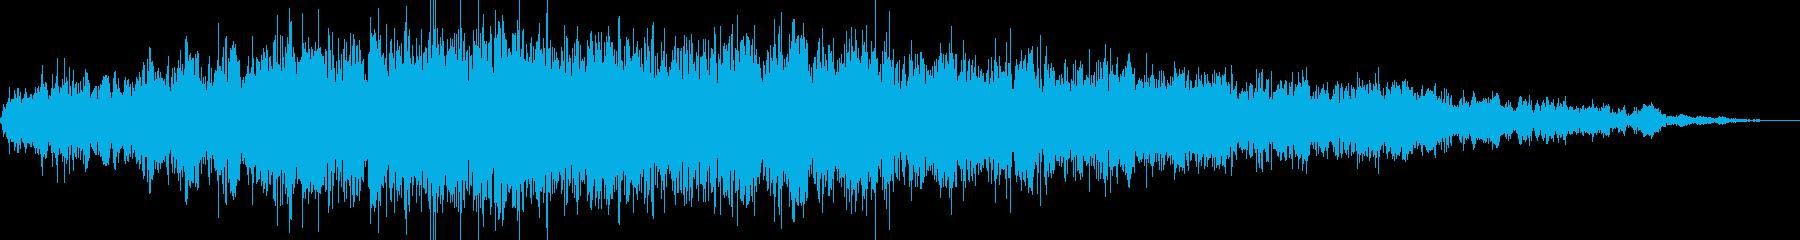 イオンエンジンパワーアップテキスト...の再生済みの波形